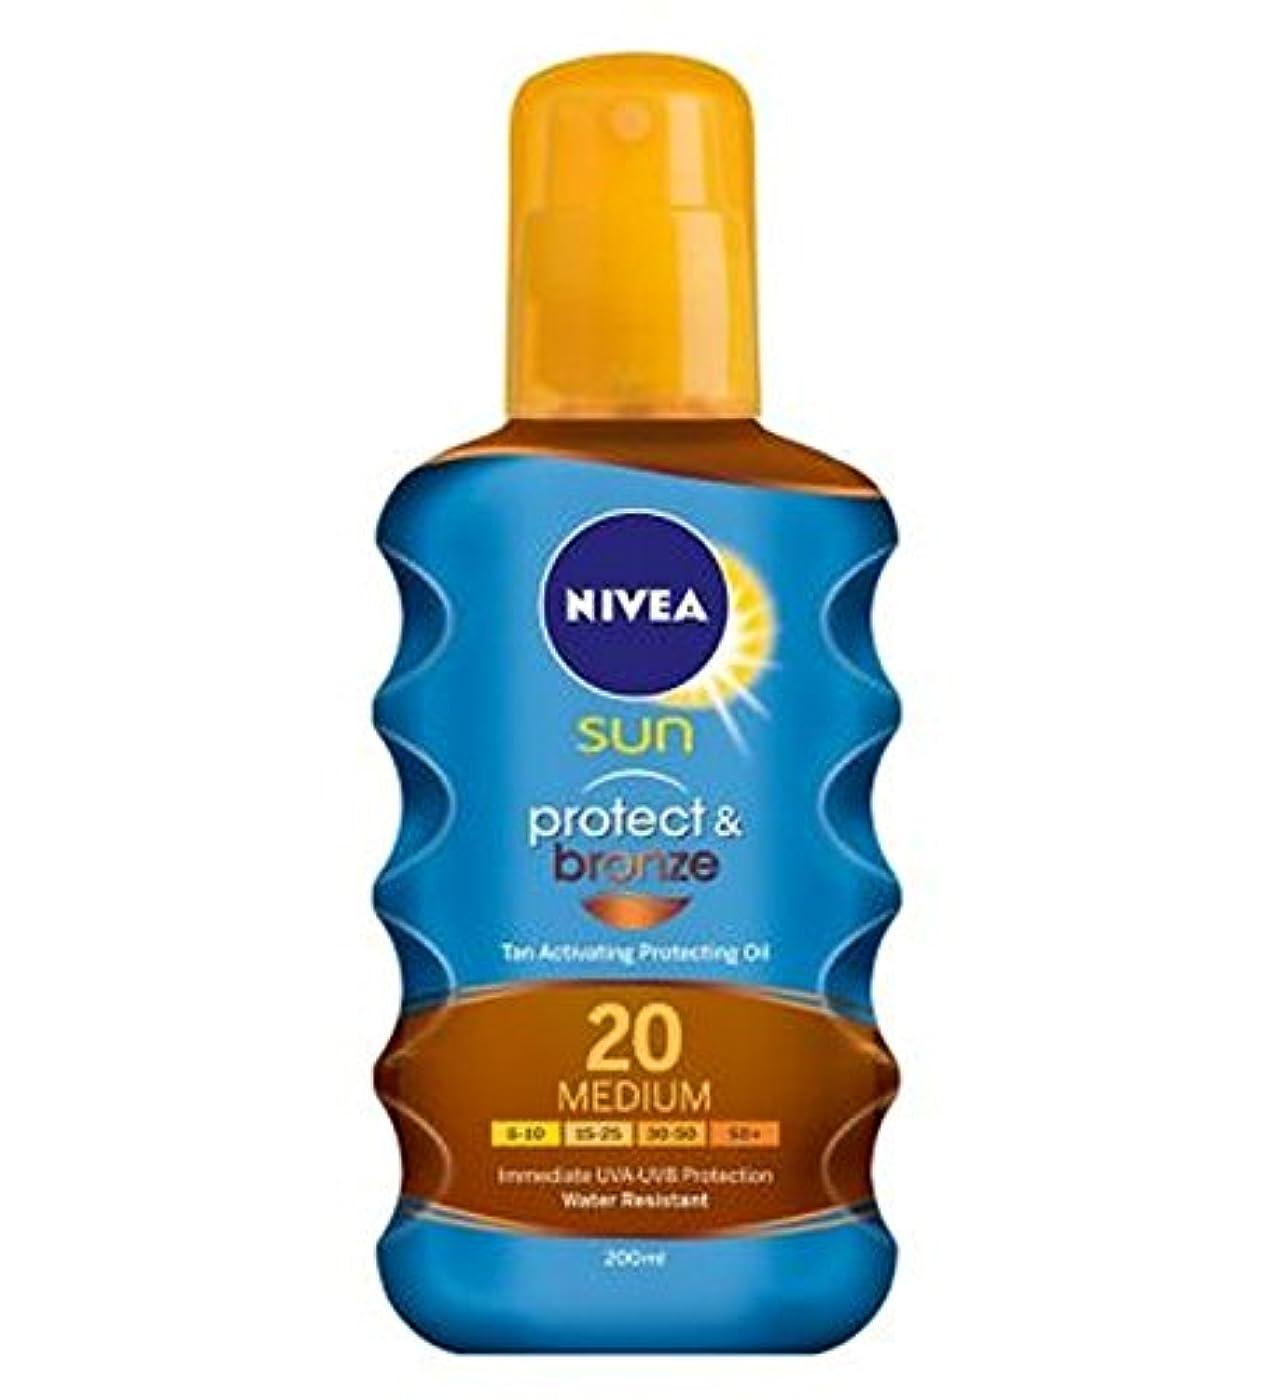 水分その間炎上ニベアの日は、油媒体20 200ミリリットルを保護する日焼け活性化を保護&ブロンズ (Nivea) (x2) - NIVEA SUN Protect & Bronze Tan Activating Protecting...